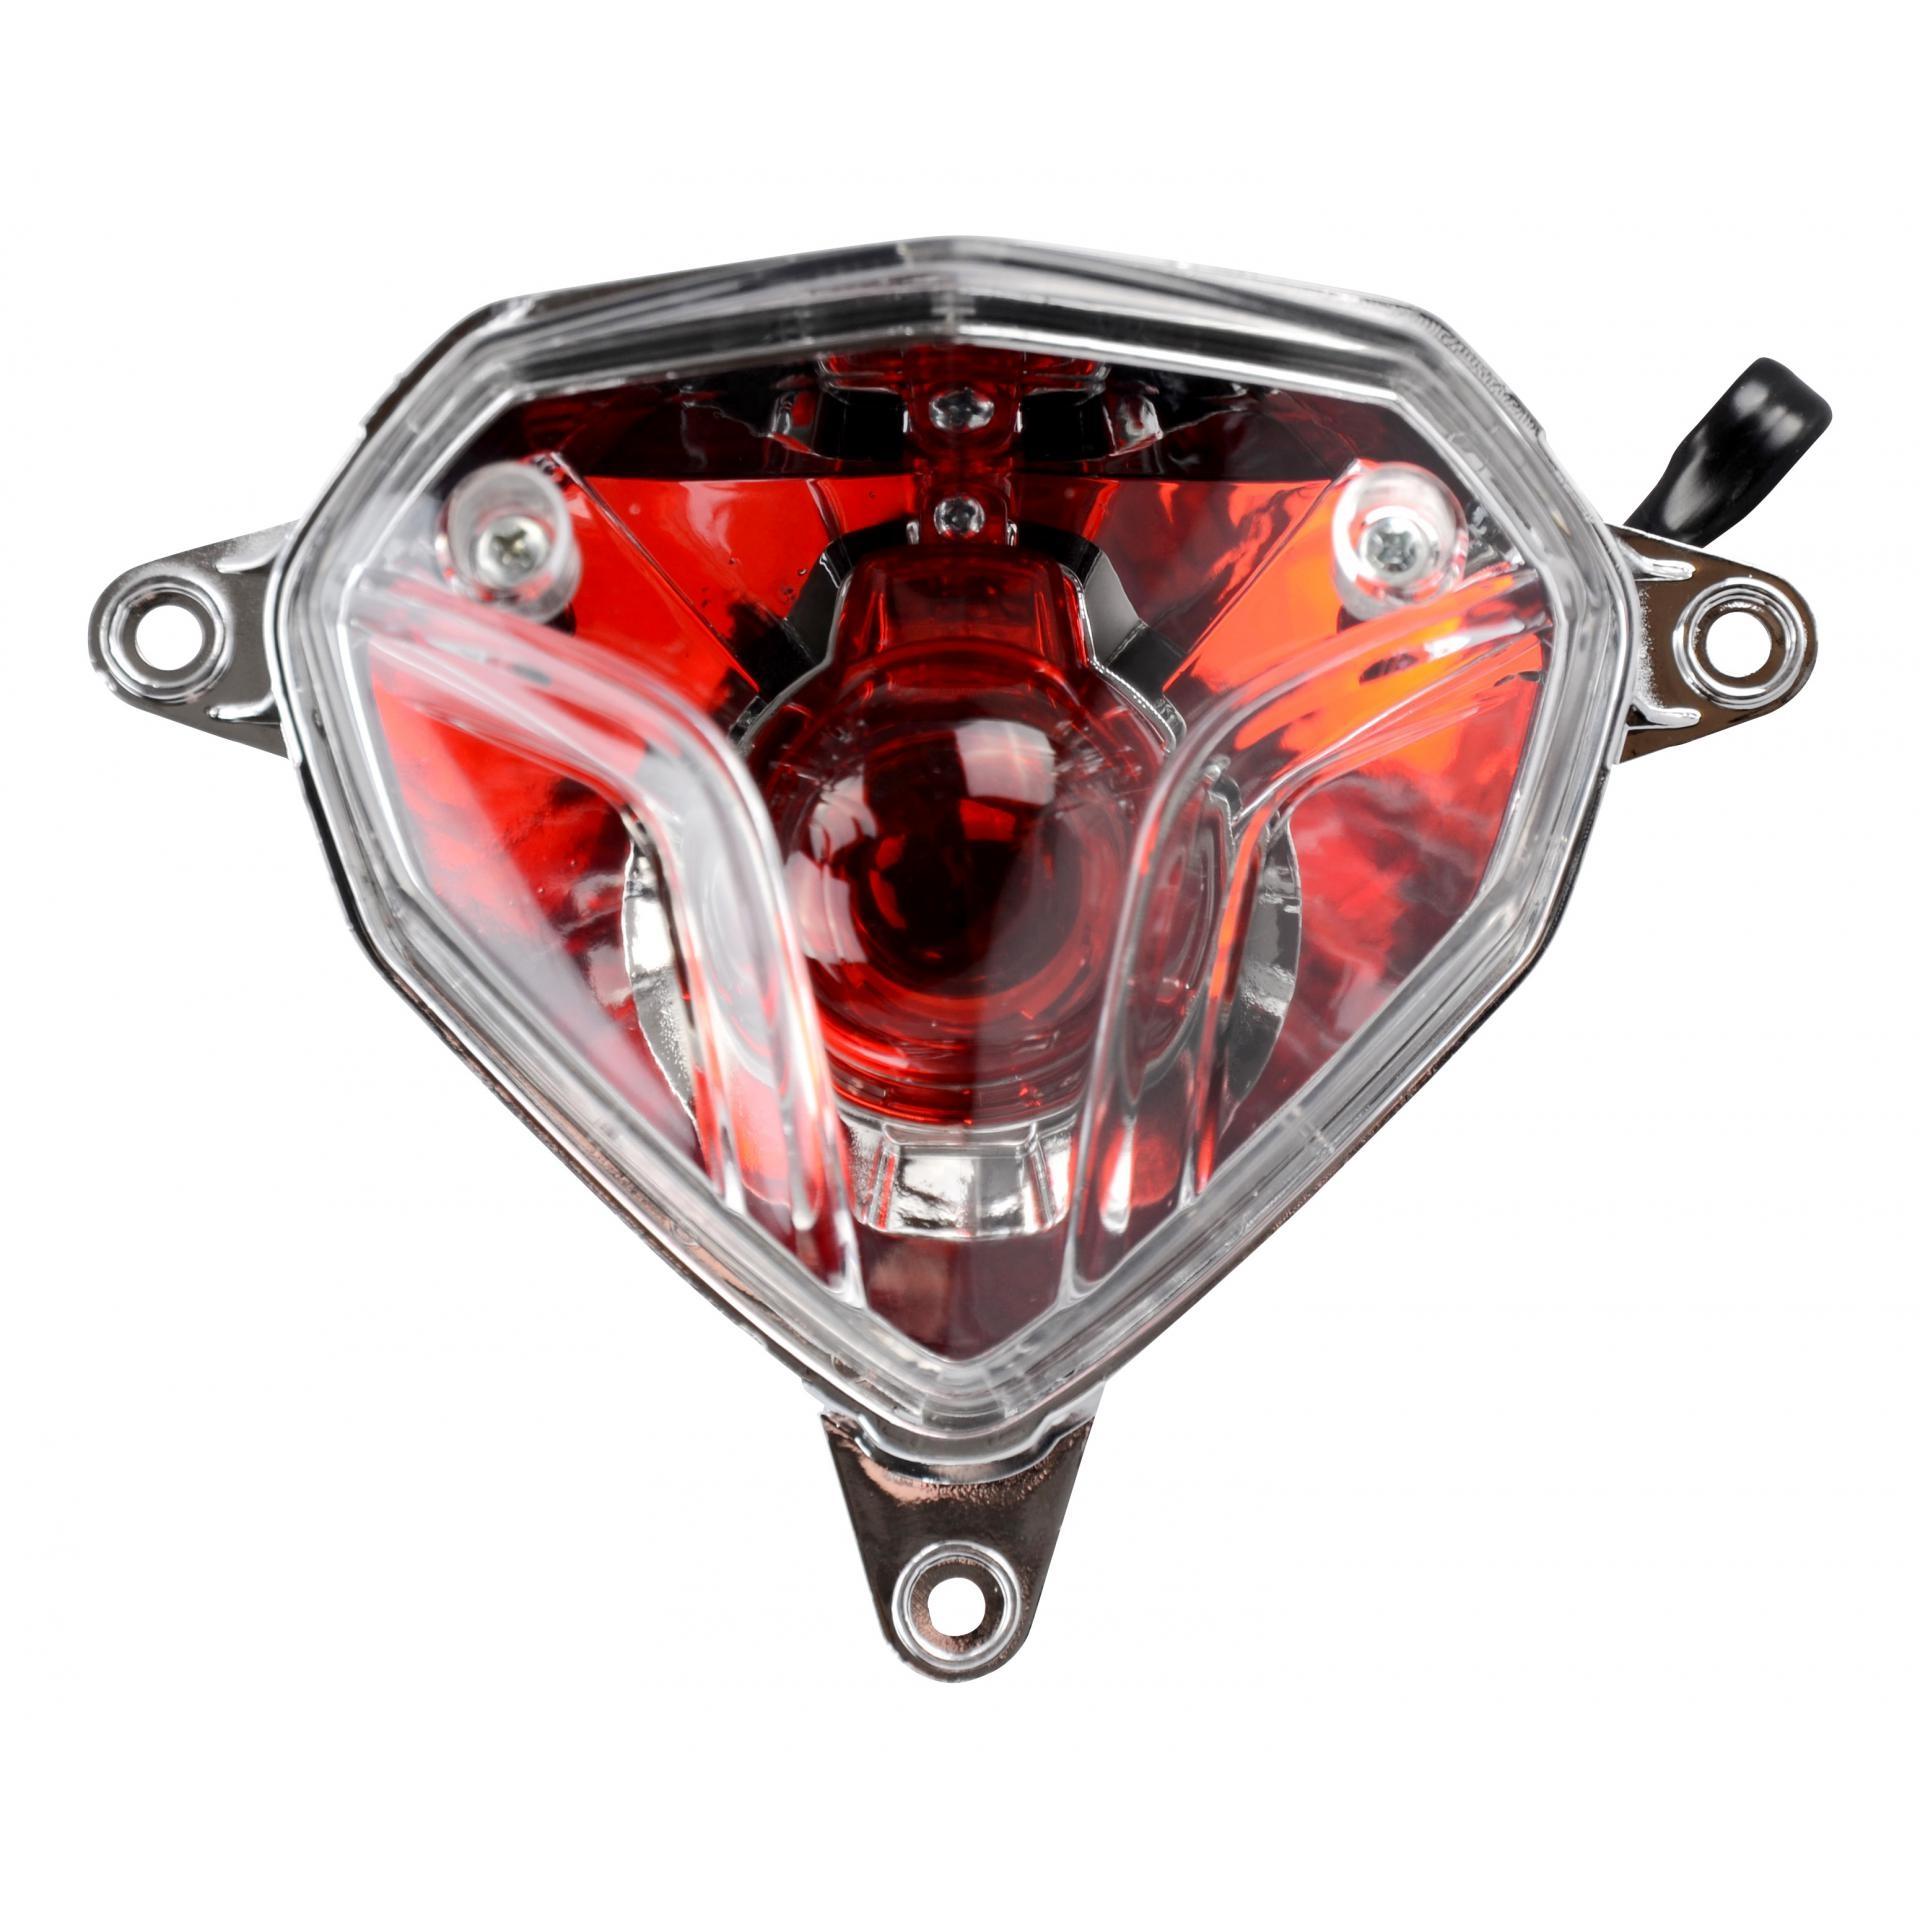 Feu arrière 1Tek Origine type lexus Nitro/Aerox 2013-